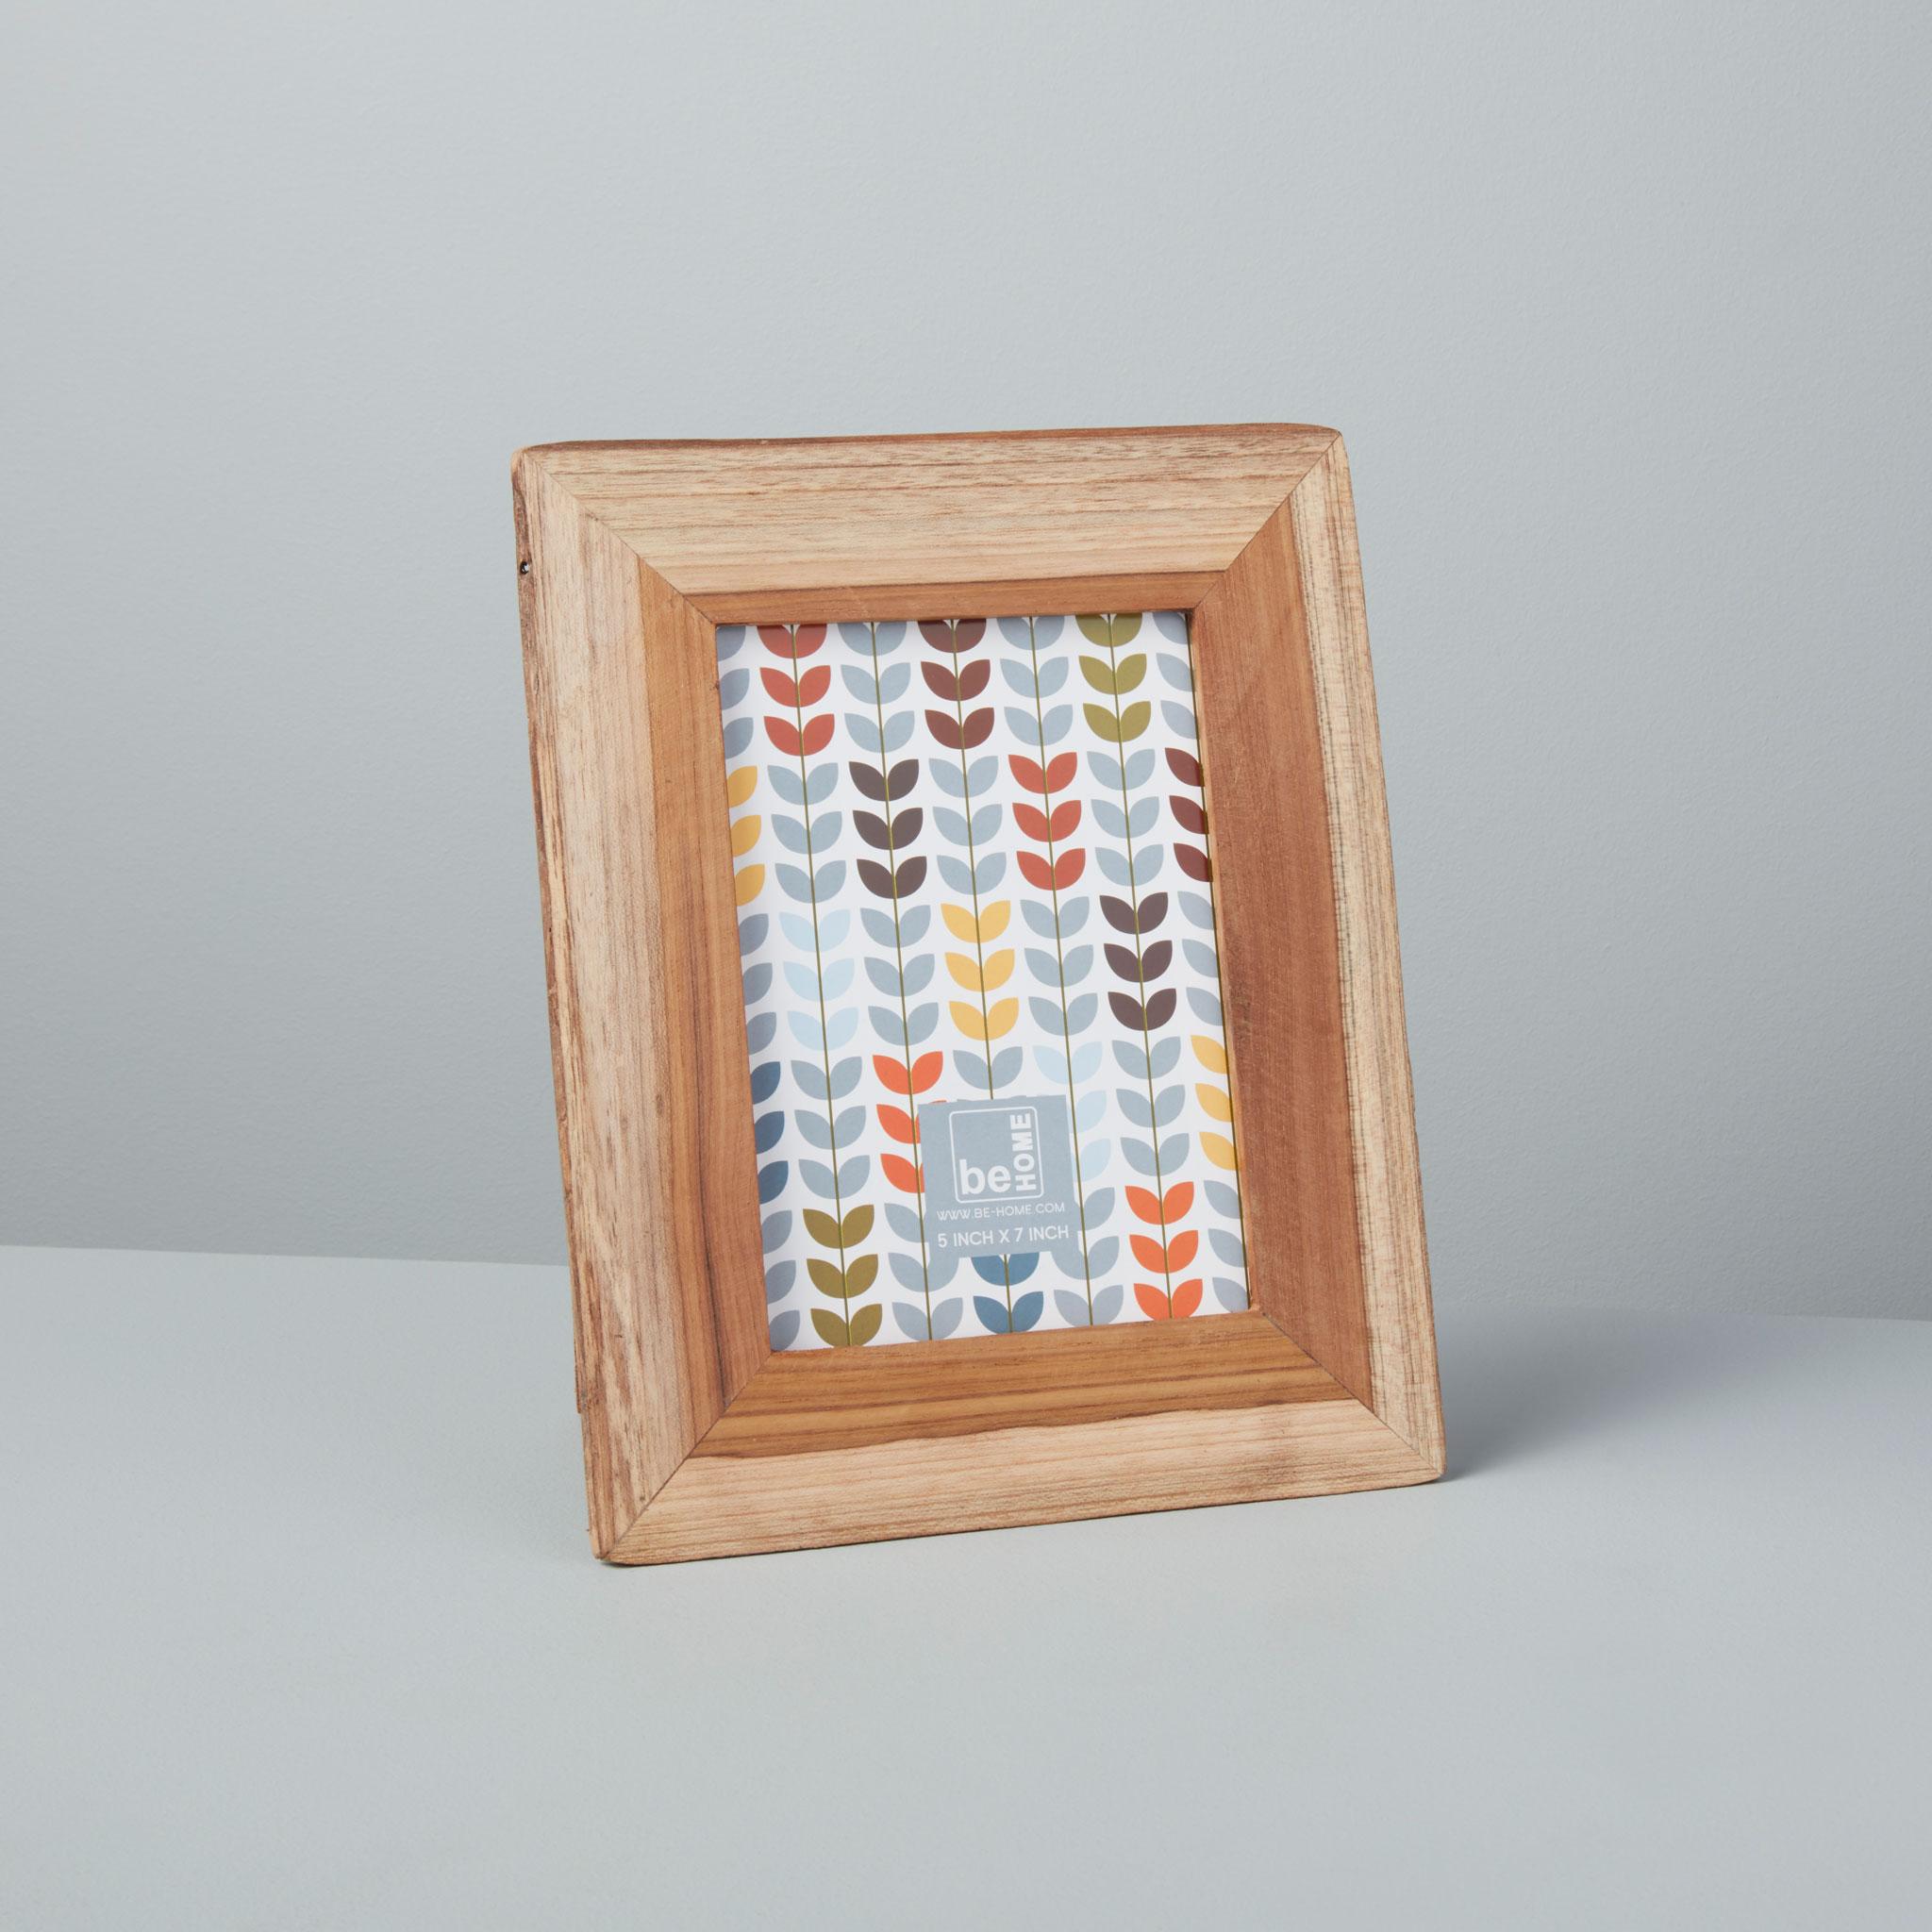 Be-Home_Reclaimed-Wood-Frame-Light_23-26